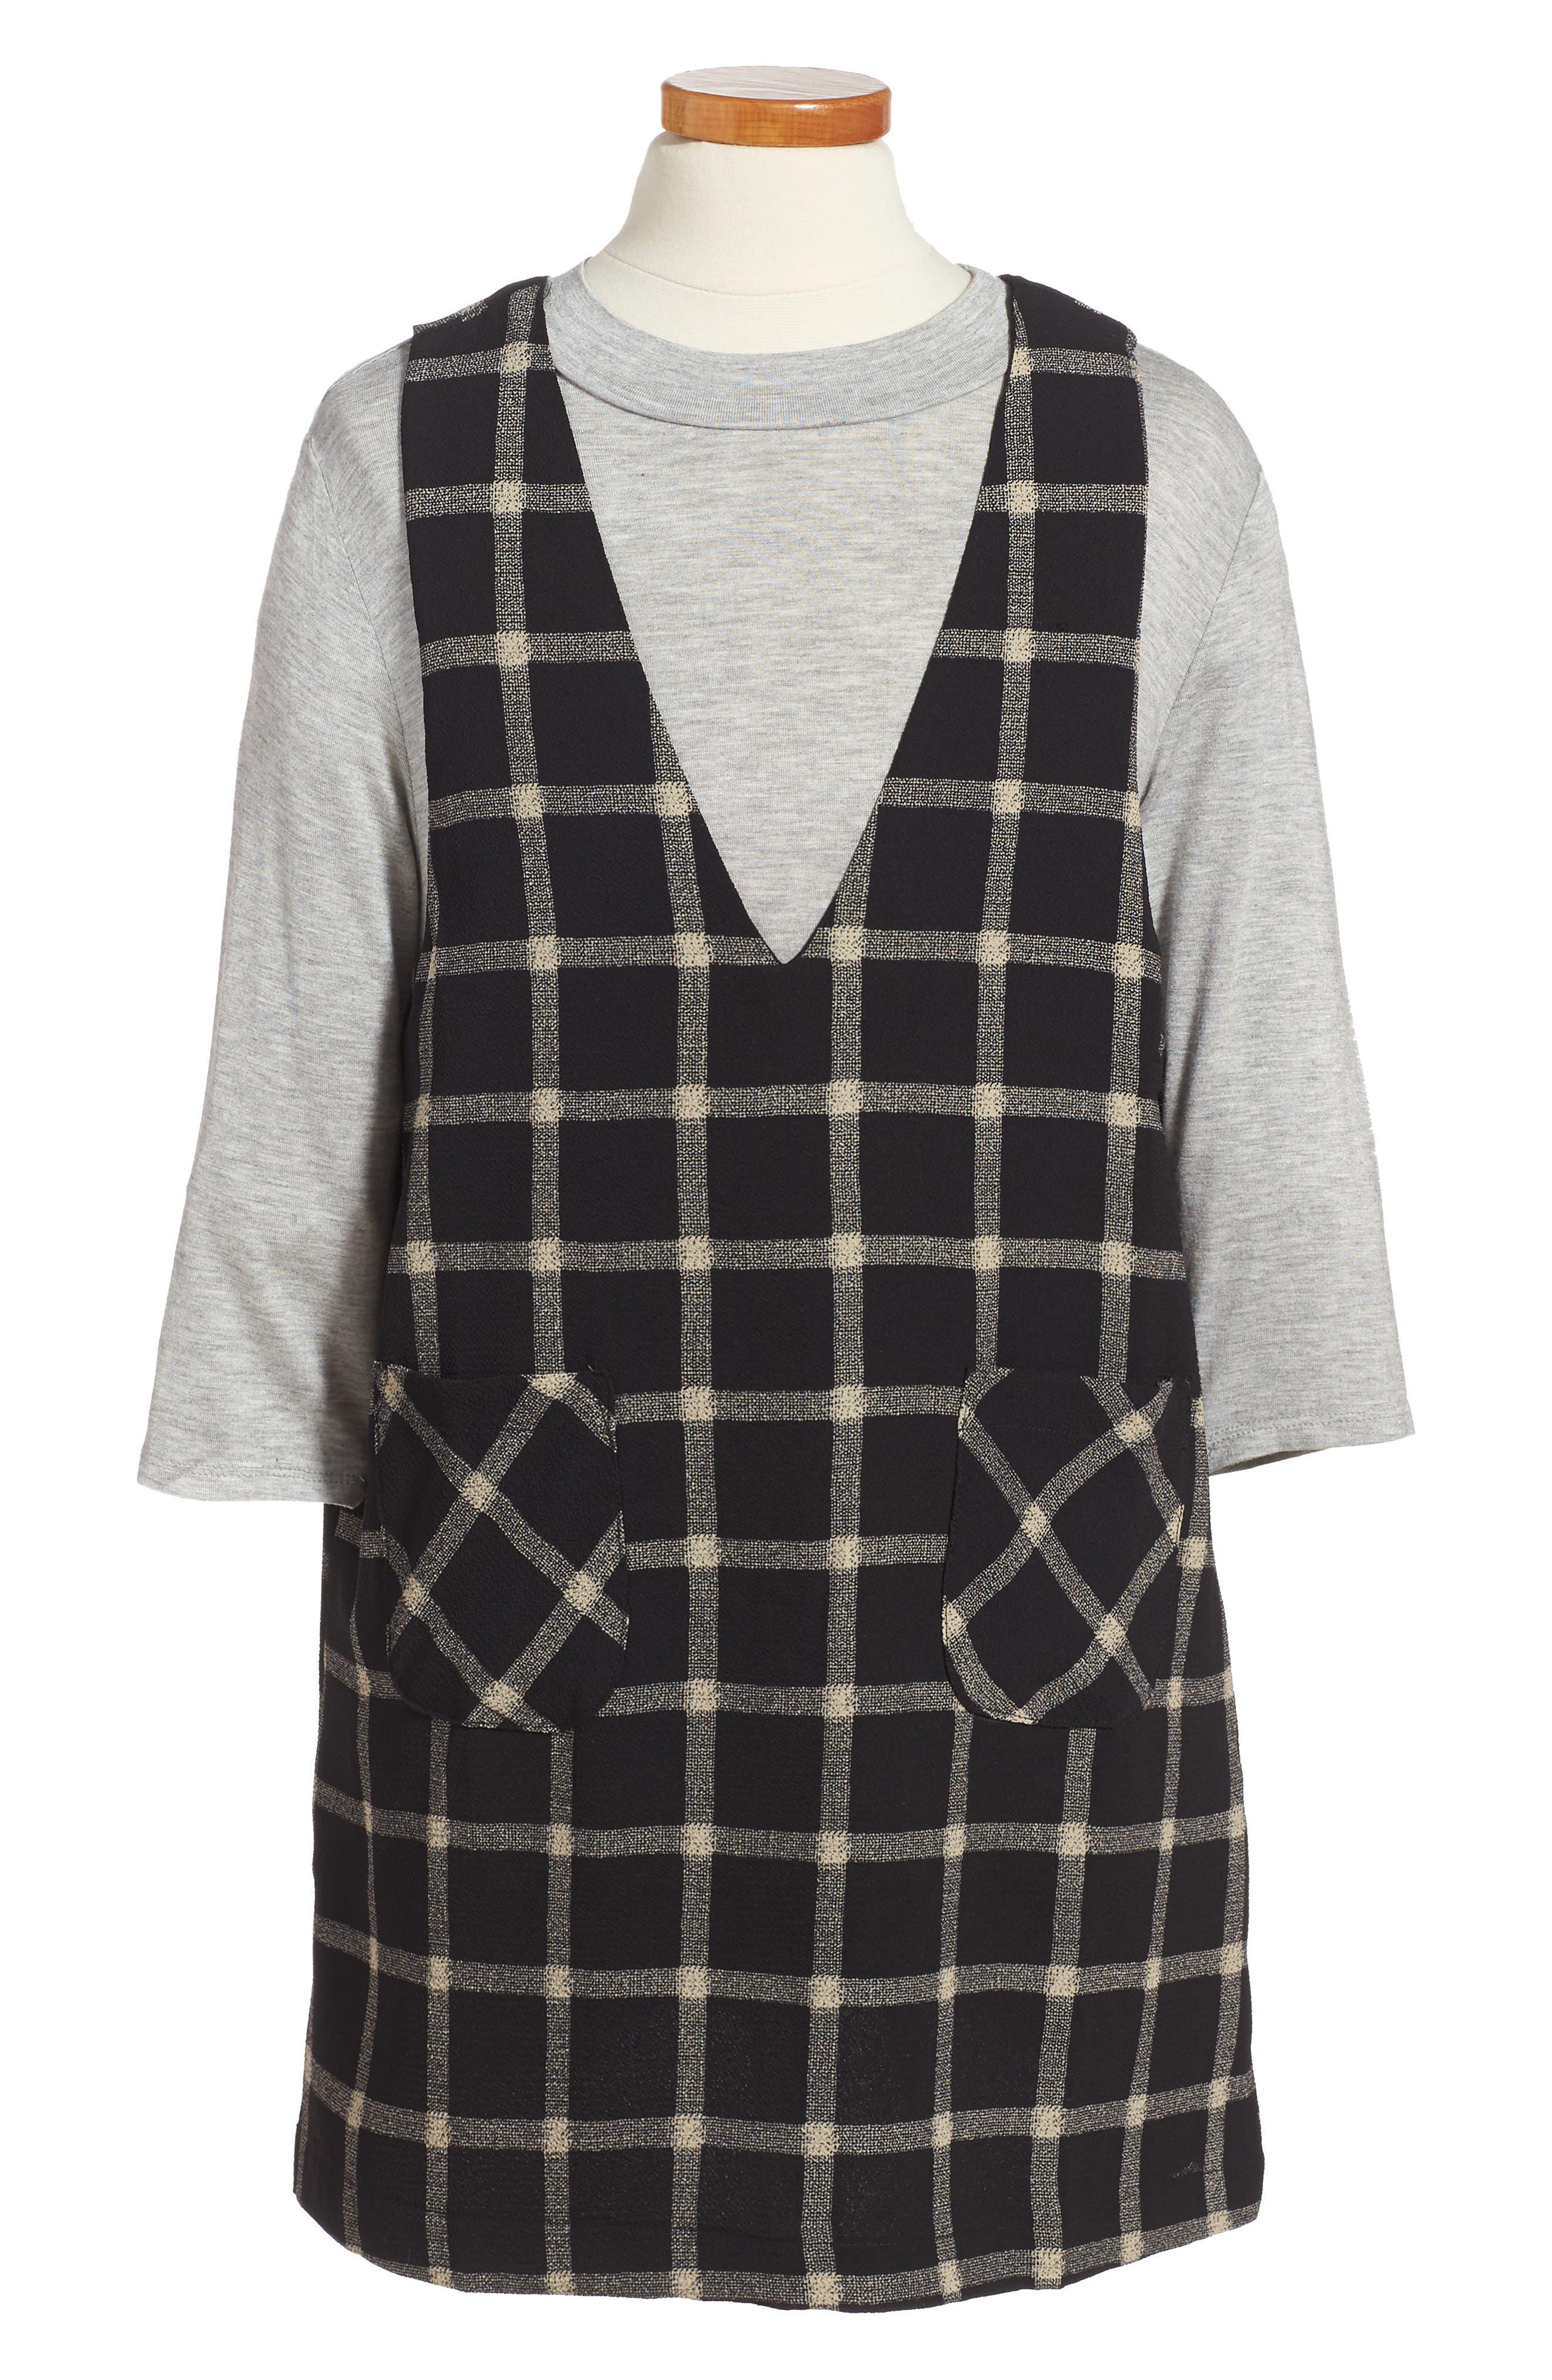 Main Image - Good Luck Gem Plaid Top & Jumper Dress Set (Big Girls)